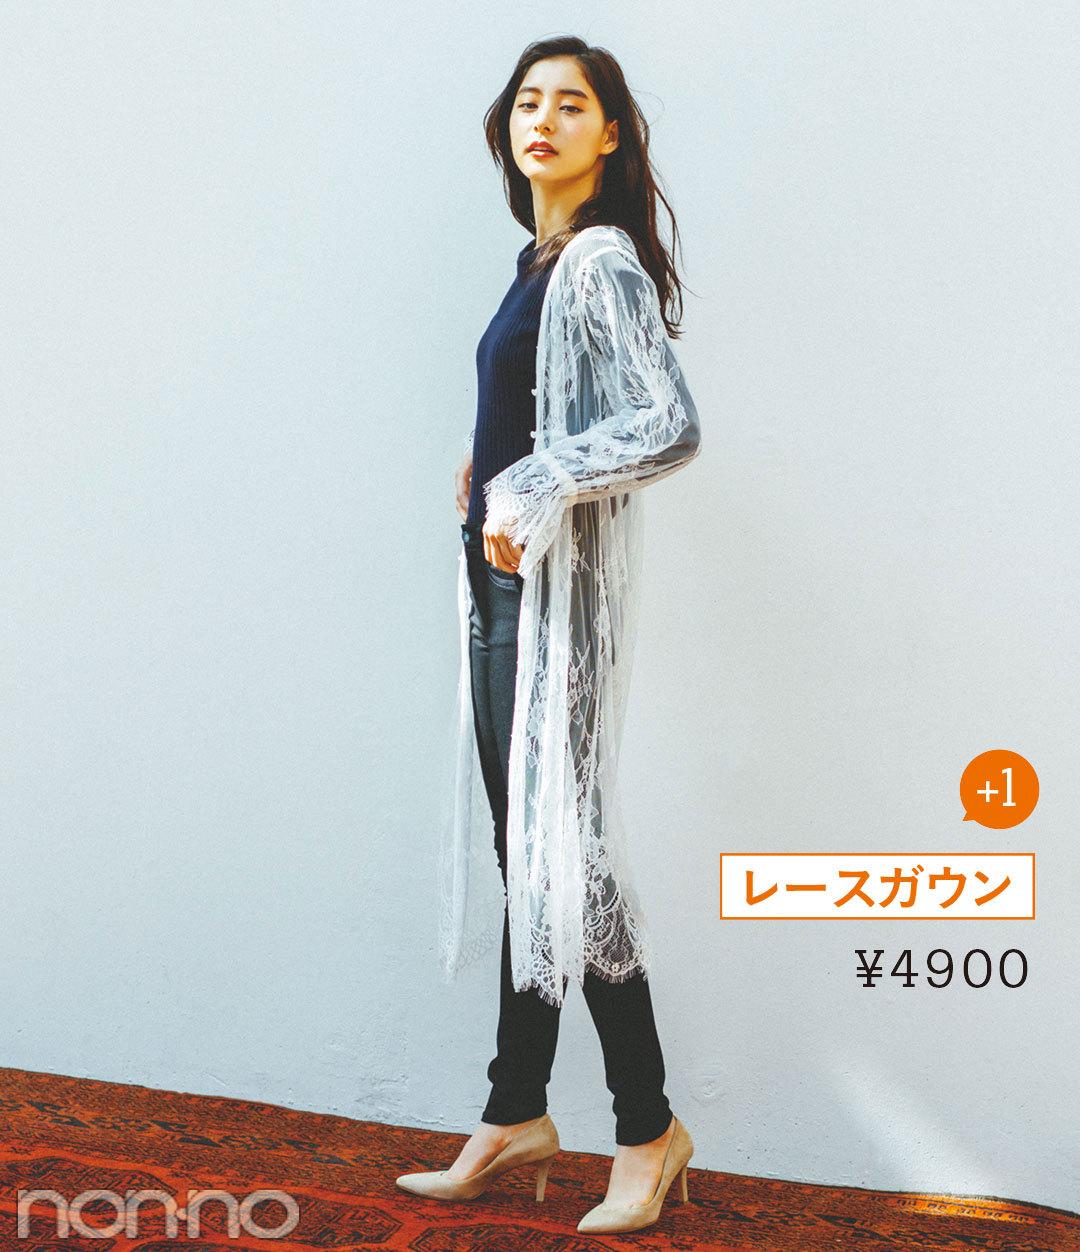 ¥2600~¥4900をひとつだけでOK! シンプル派が買い足すべきトレンド服&小物3_1_1